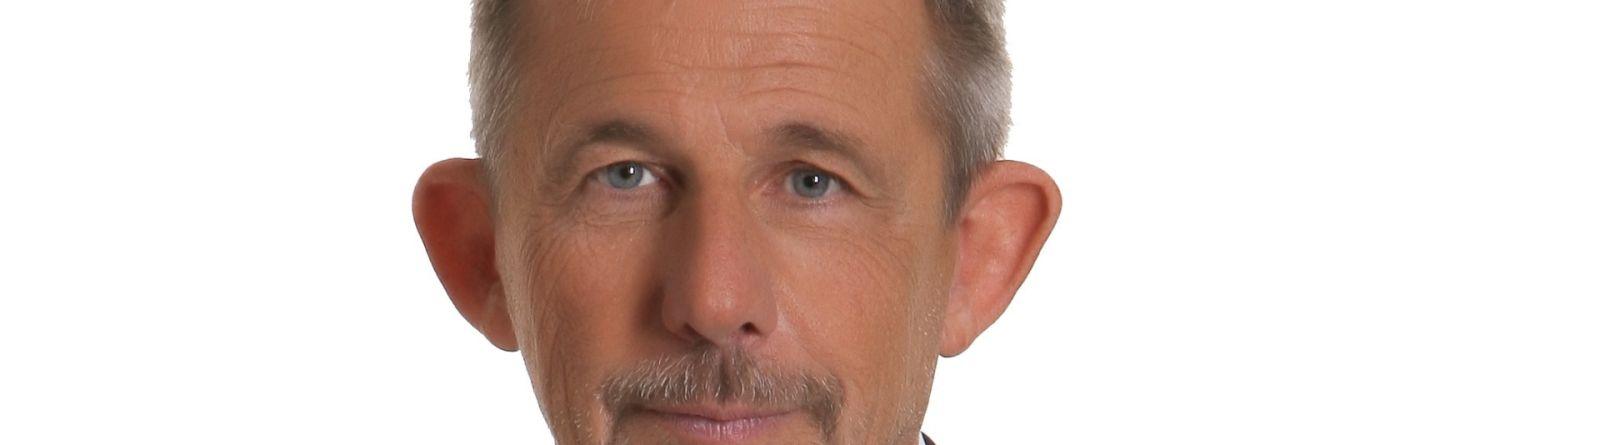 Euromobiliare am Sgr (gruppo Credem) lancia due nuovi prodotti